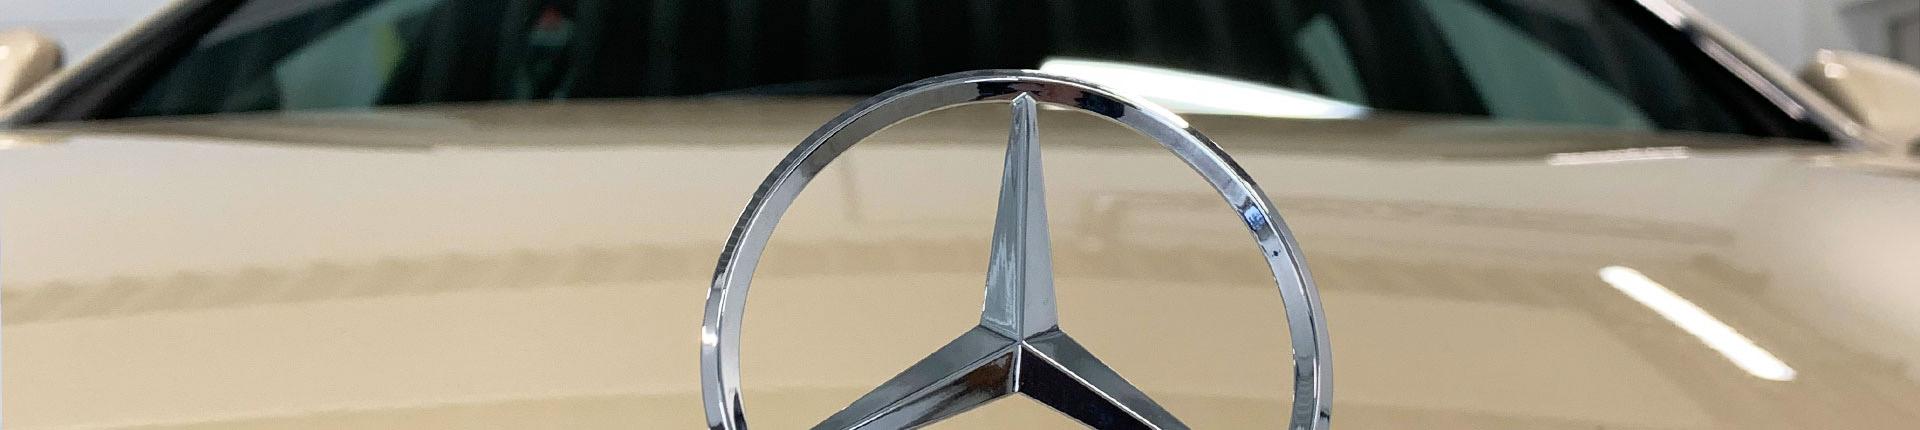 Autohaus Max Schultz Taxi kaufen